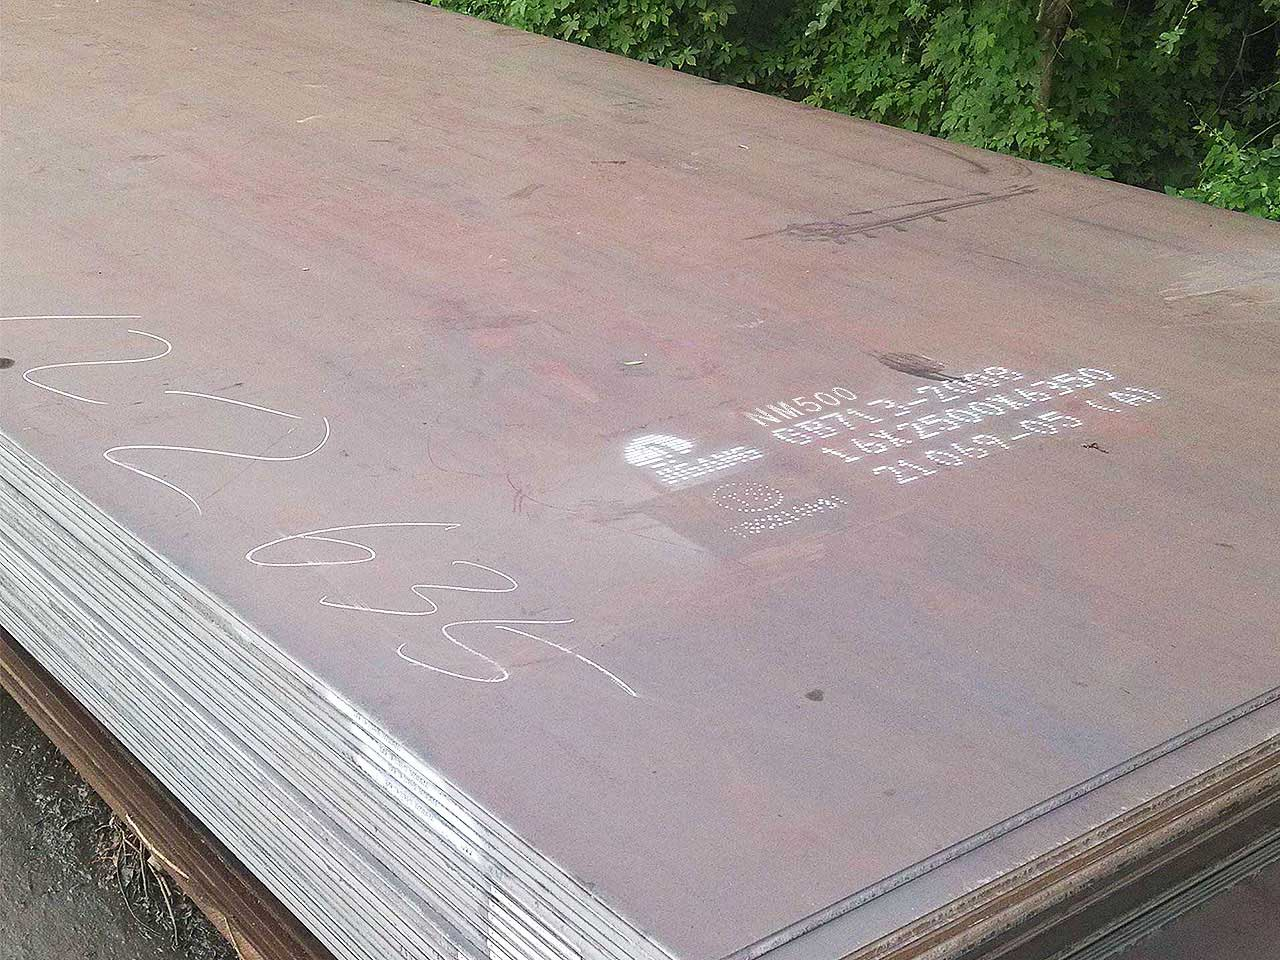 NM500 Wear resistant steel plate